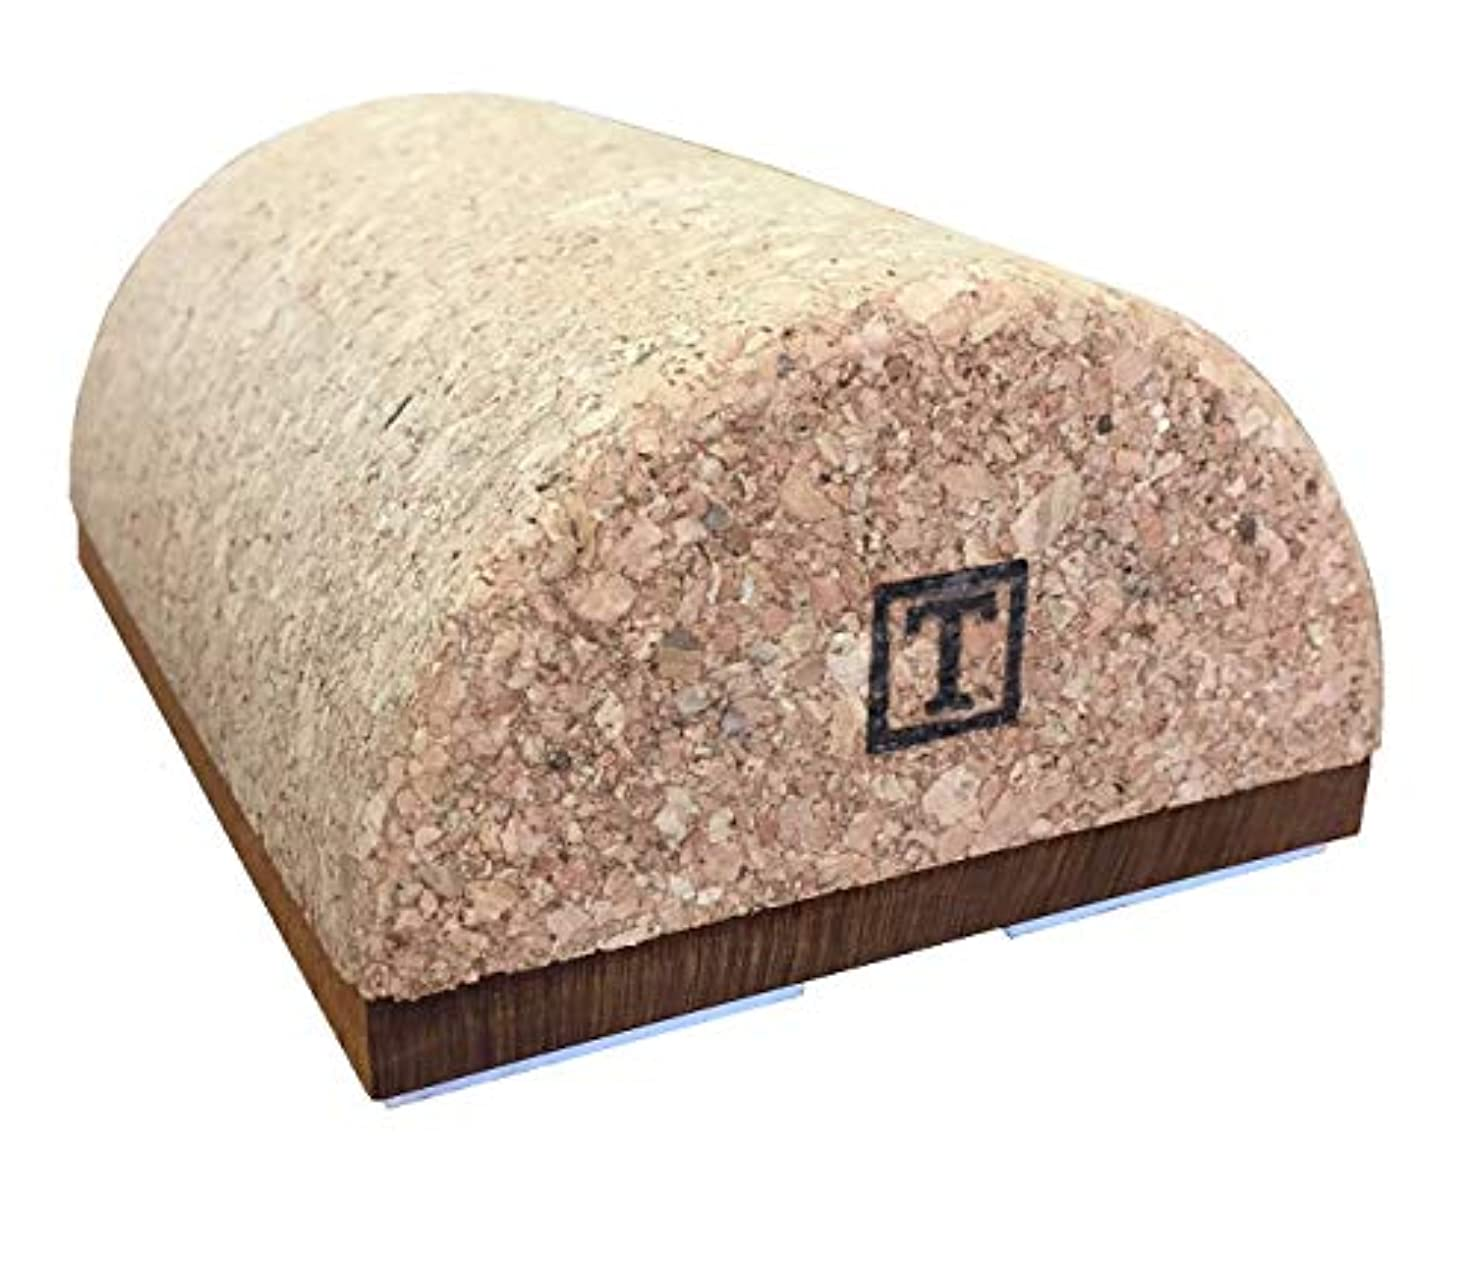 蘇生する隠ハプニングオフィスタケノコ 揉みの木シリーズ マルチタイプ -腰 肩甲骨周辺 わき 骨盤 殿筋 ふくらはぎなどのコリや疲労に-